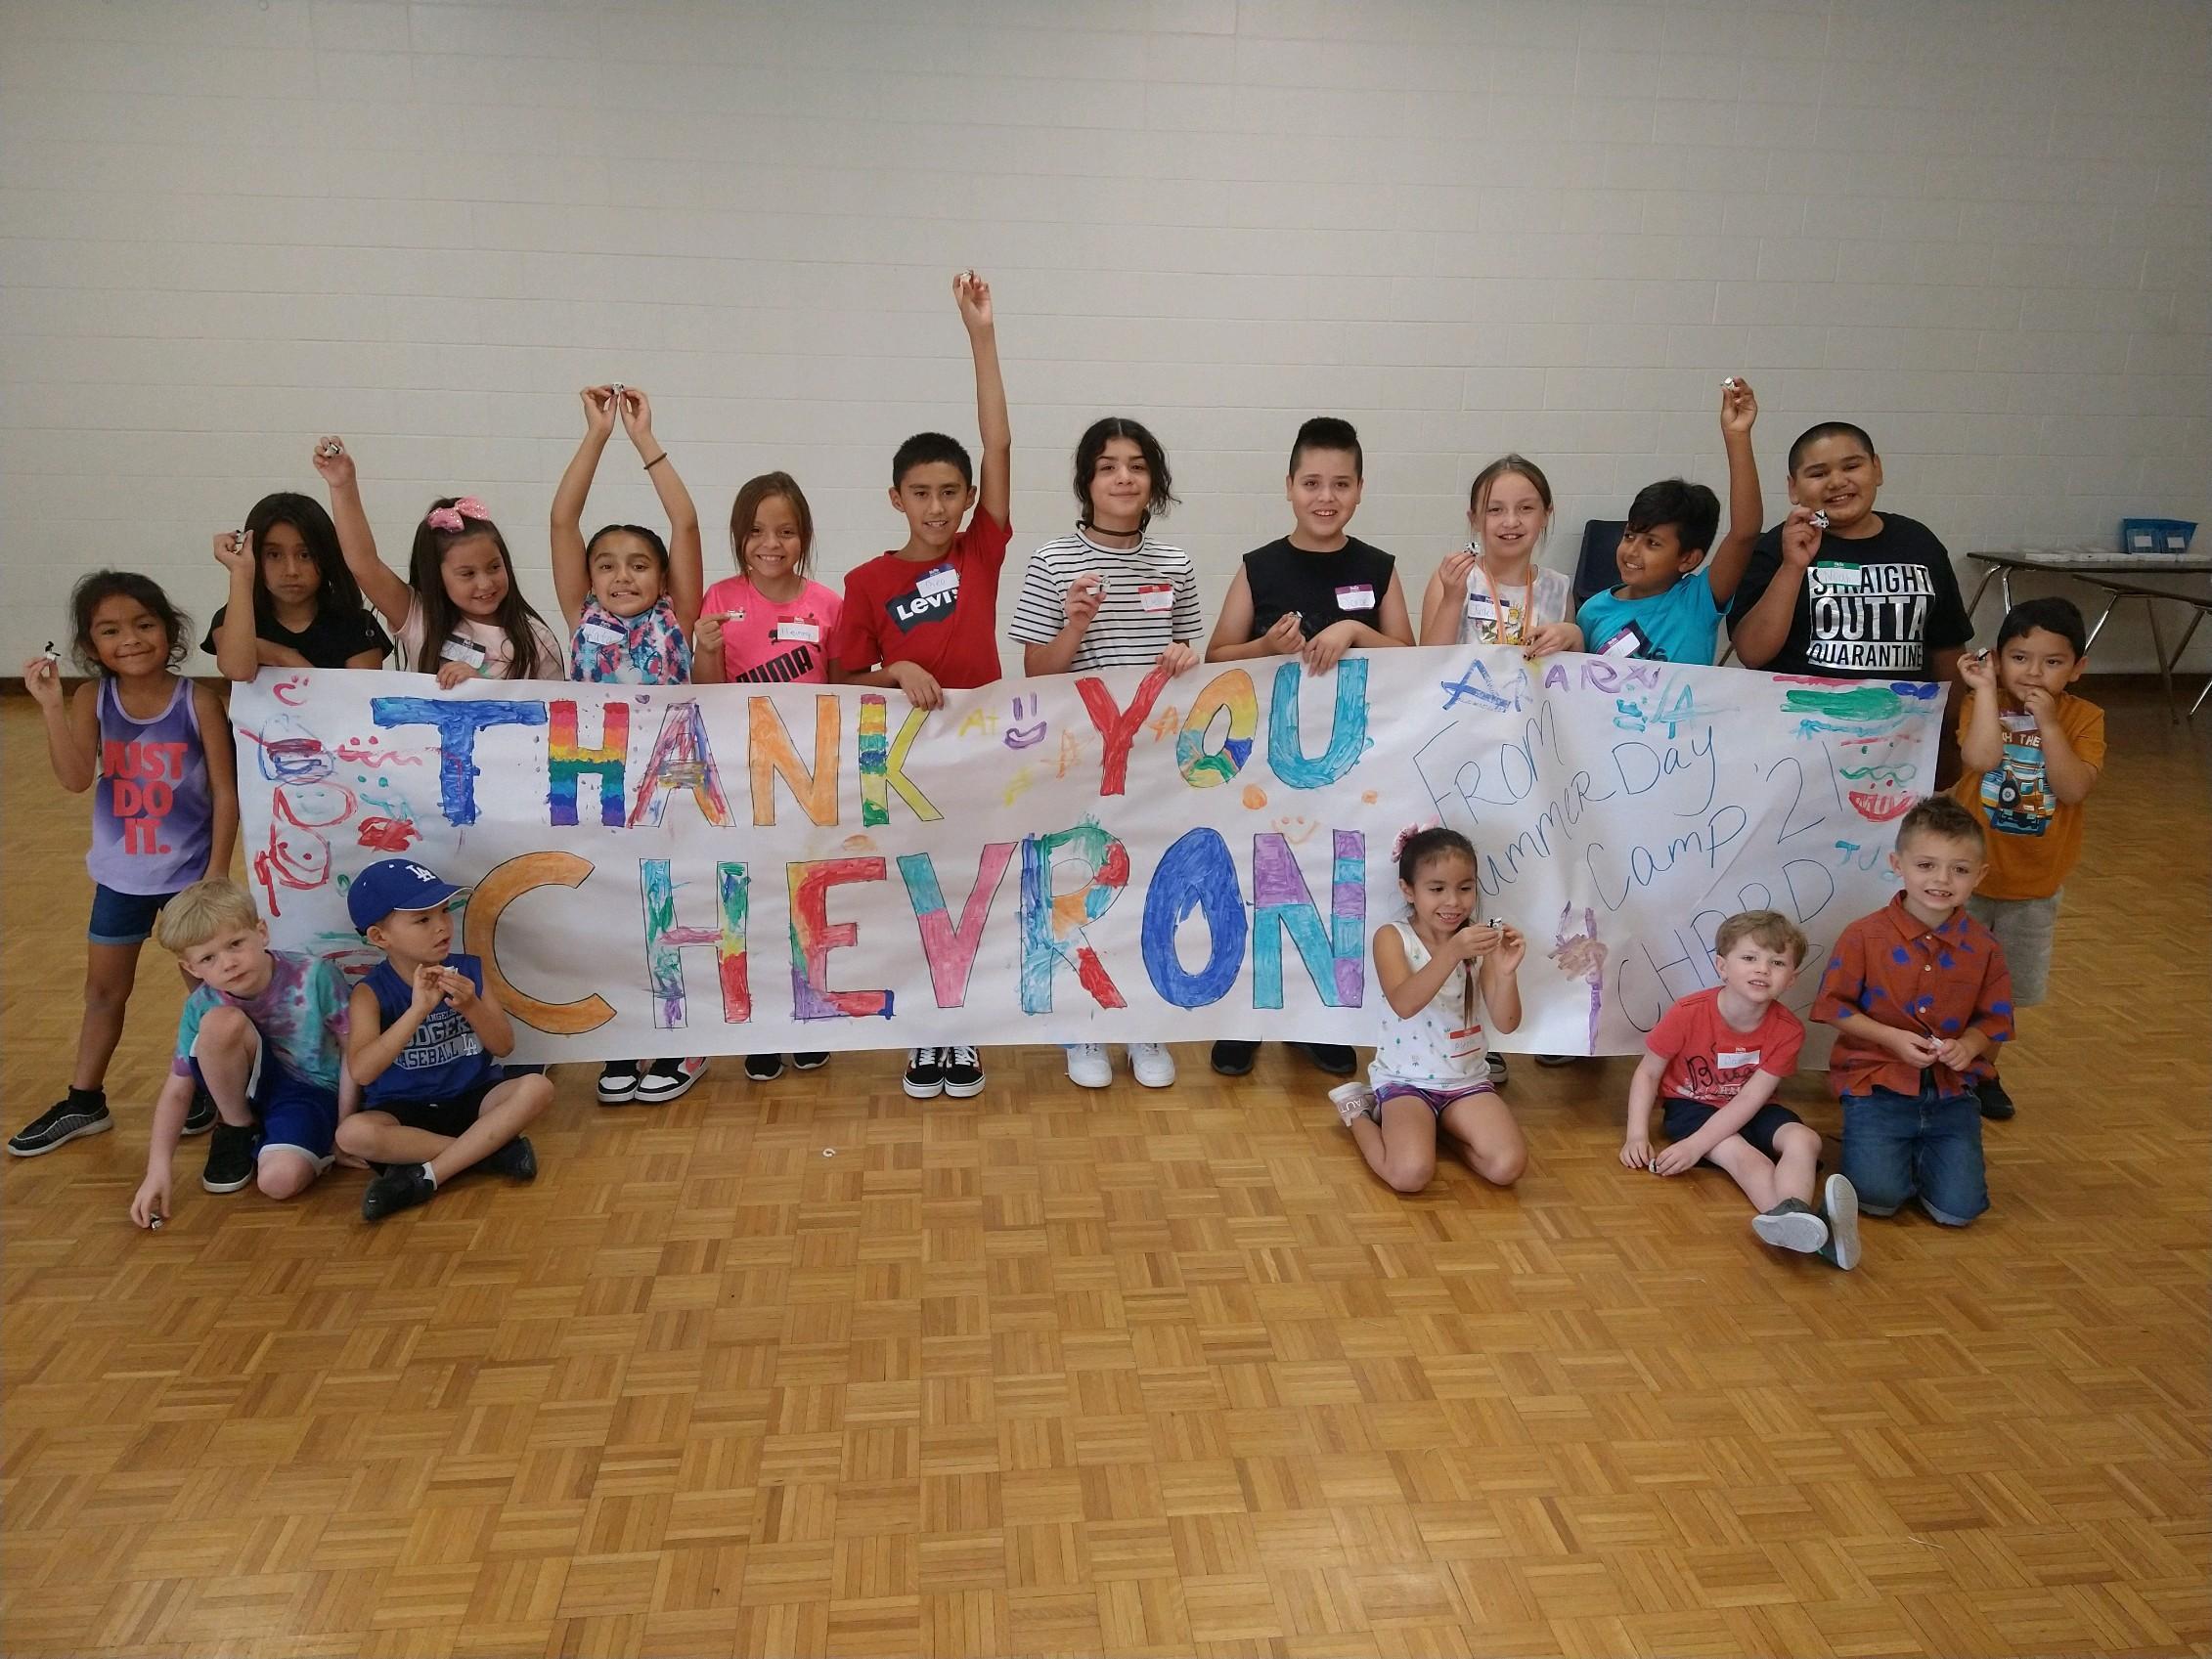 Coalinga Kids Day Camp Thank you